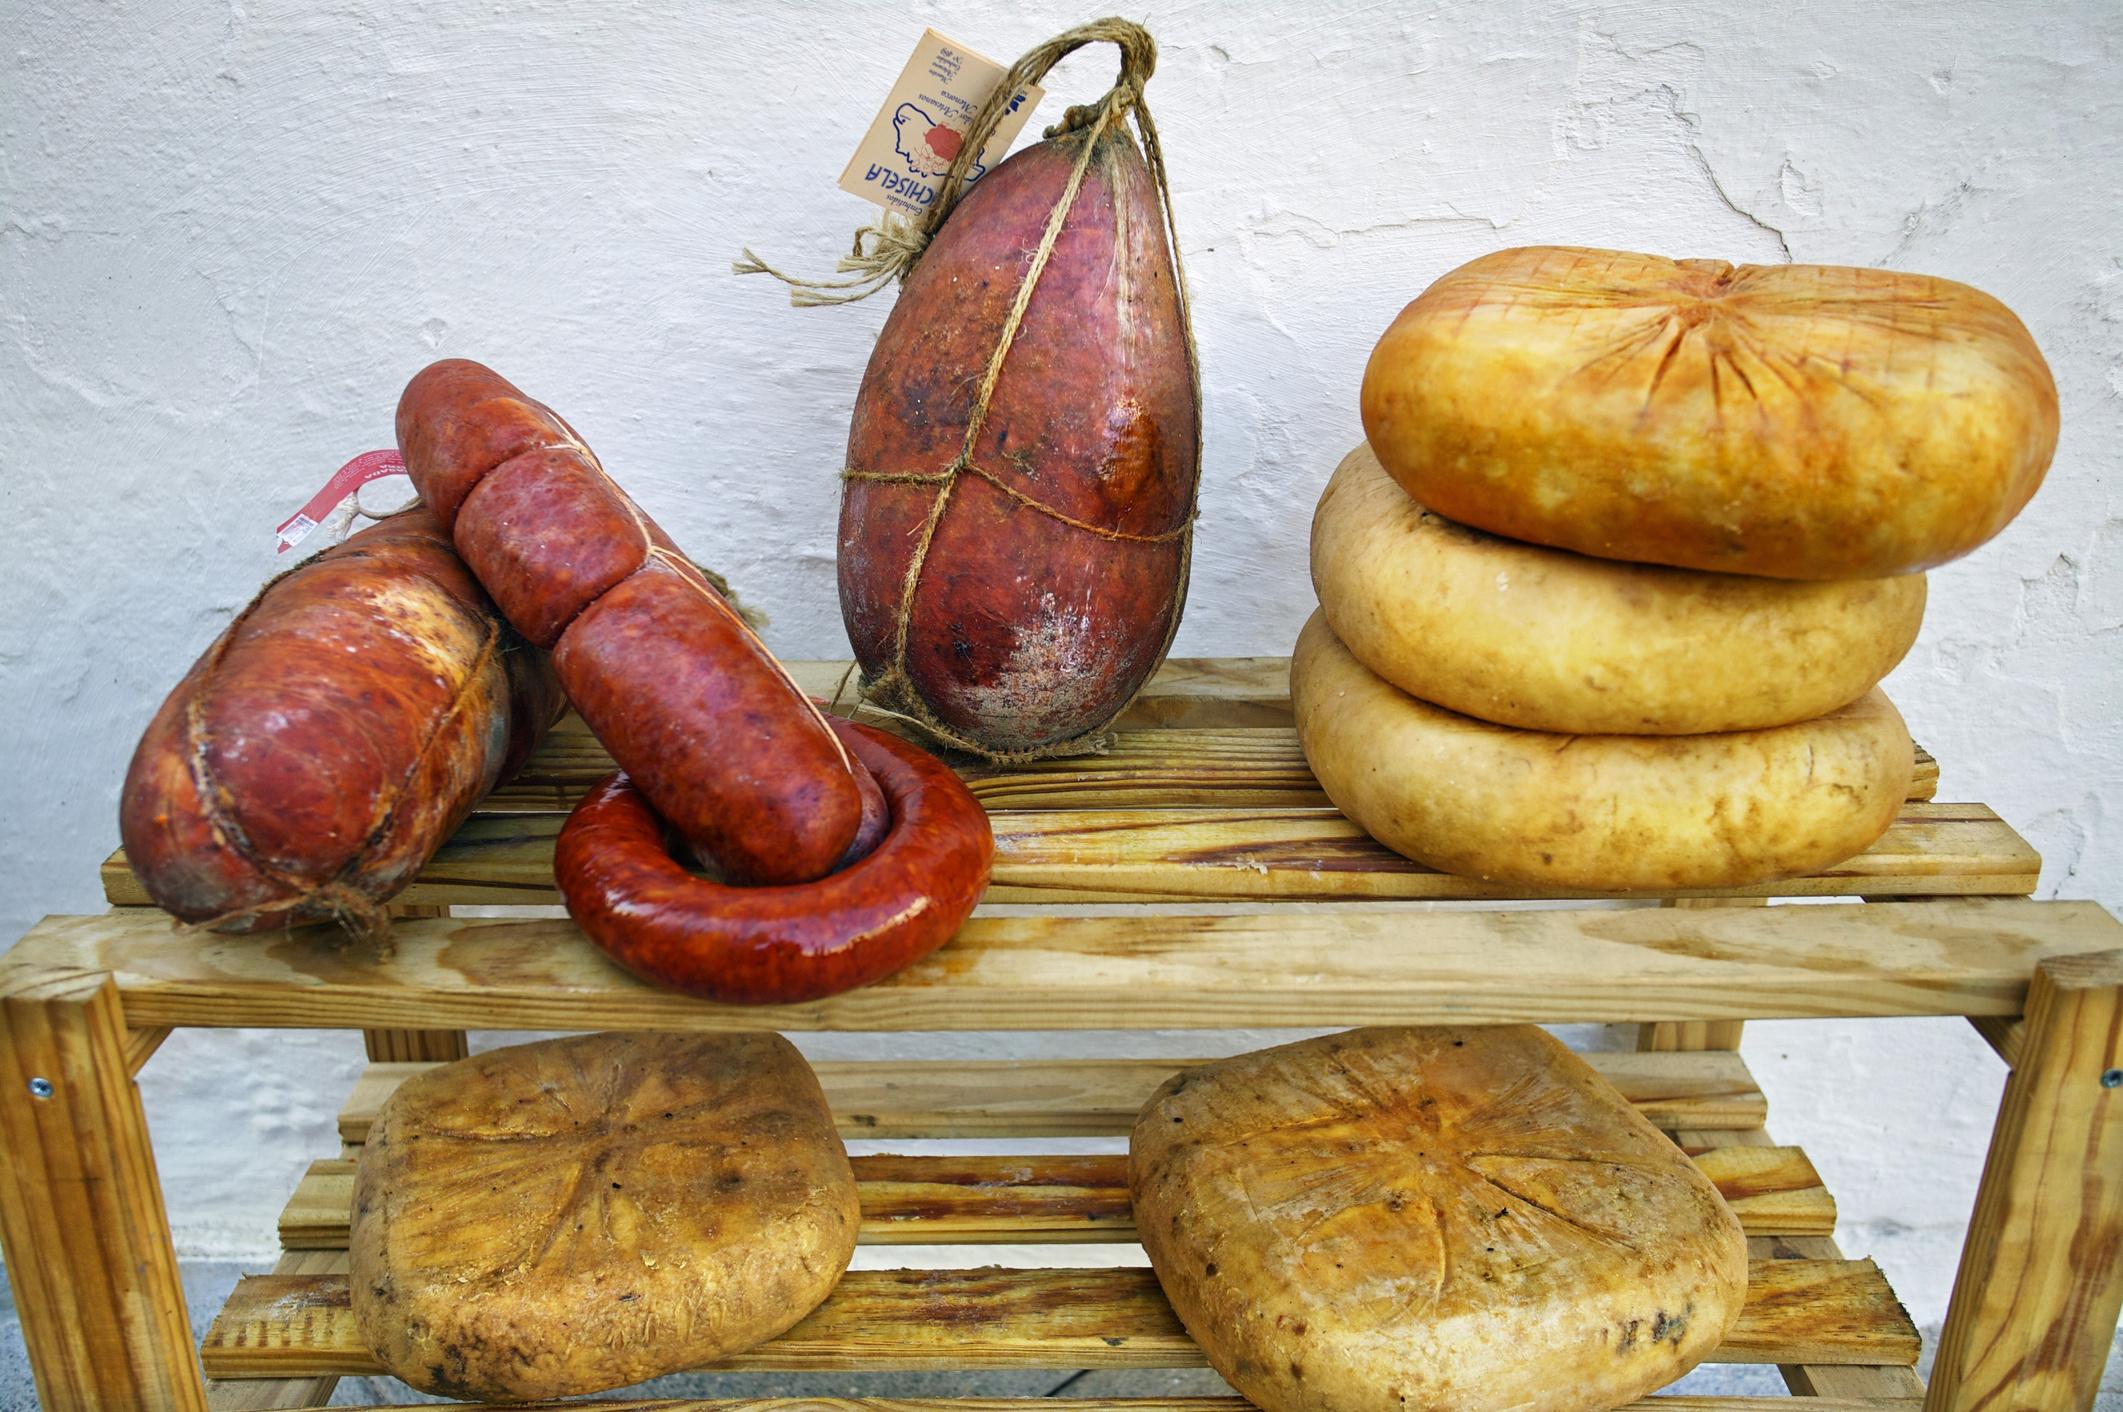 Колбаса из говядины в домашних условиях пошаговый рецепт